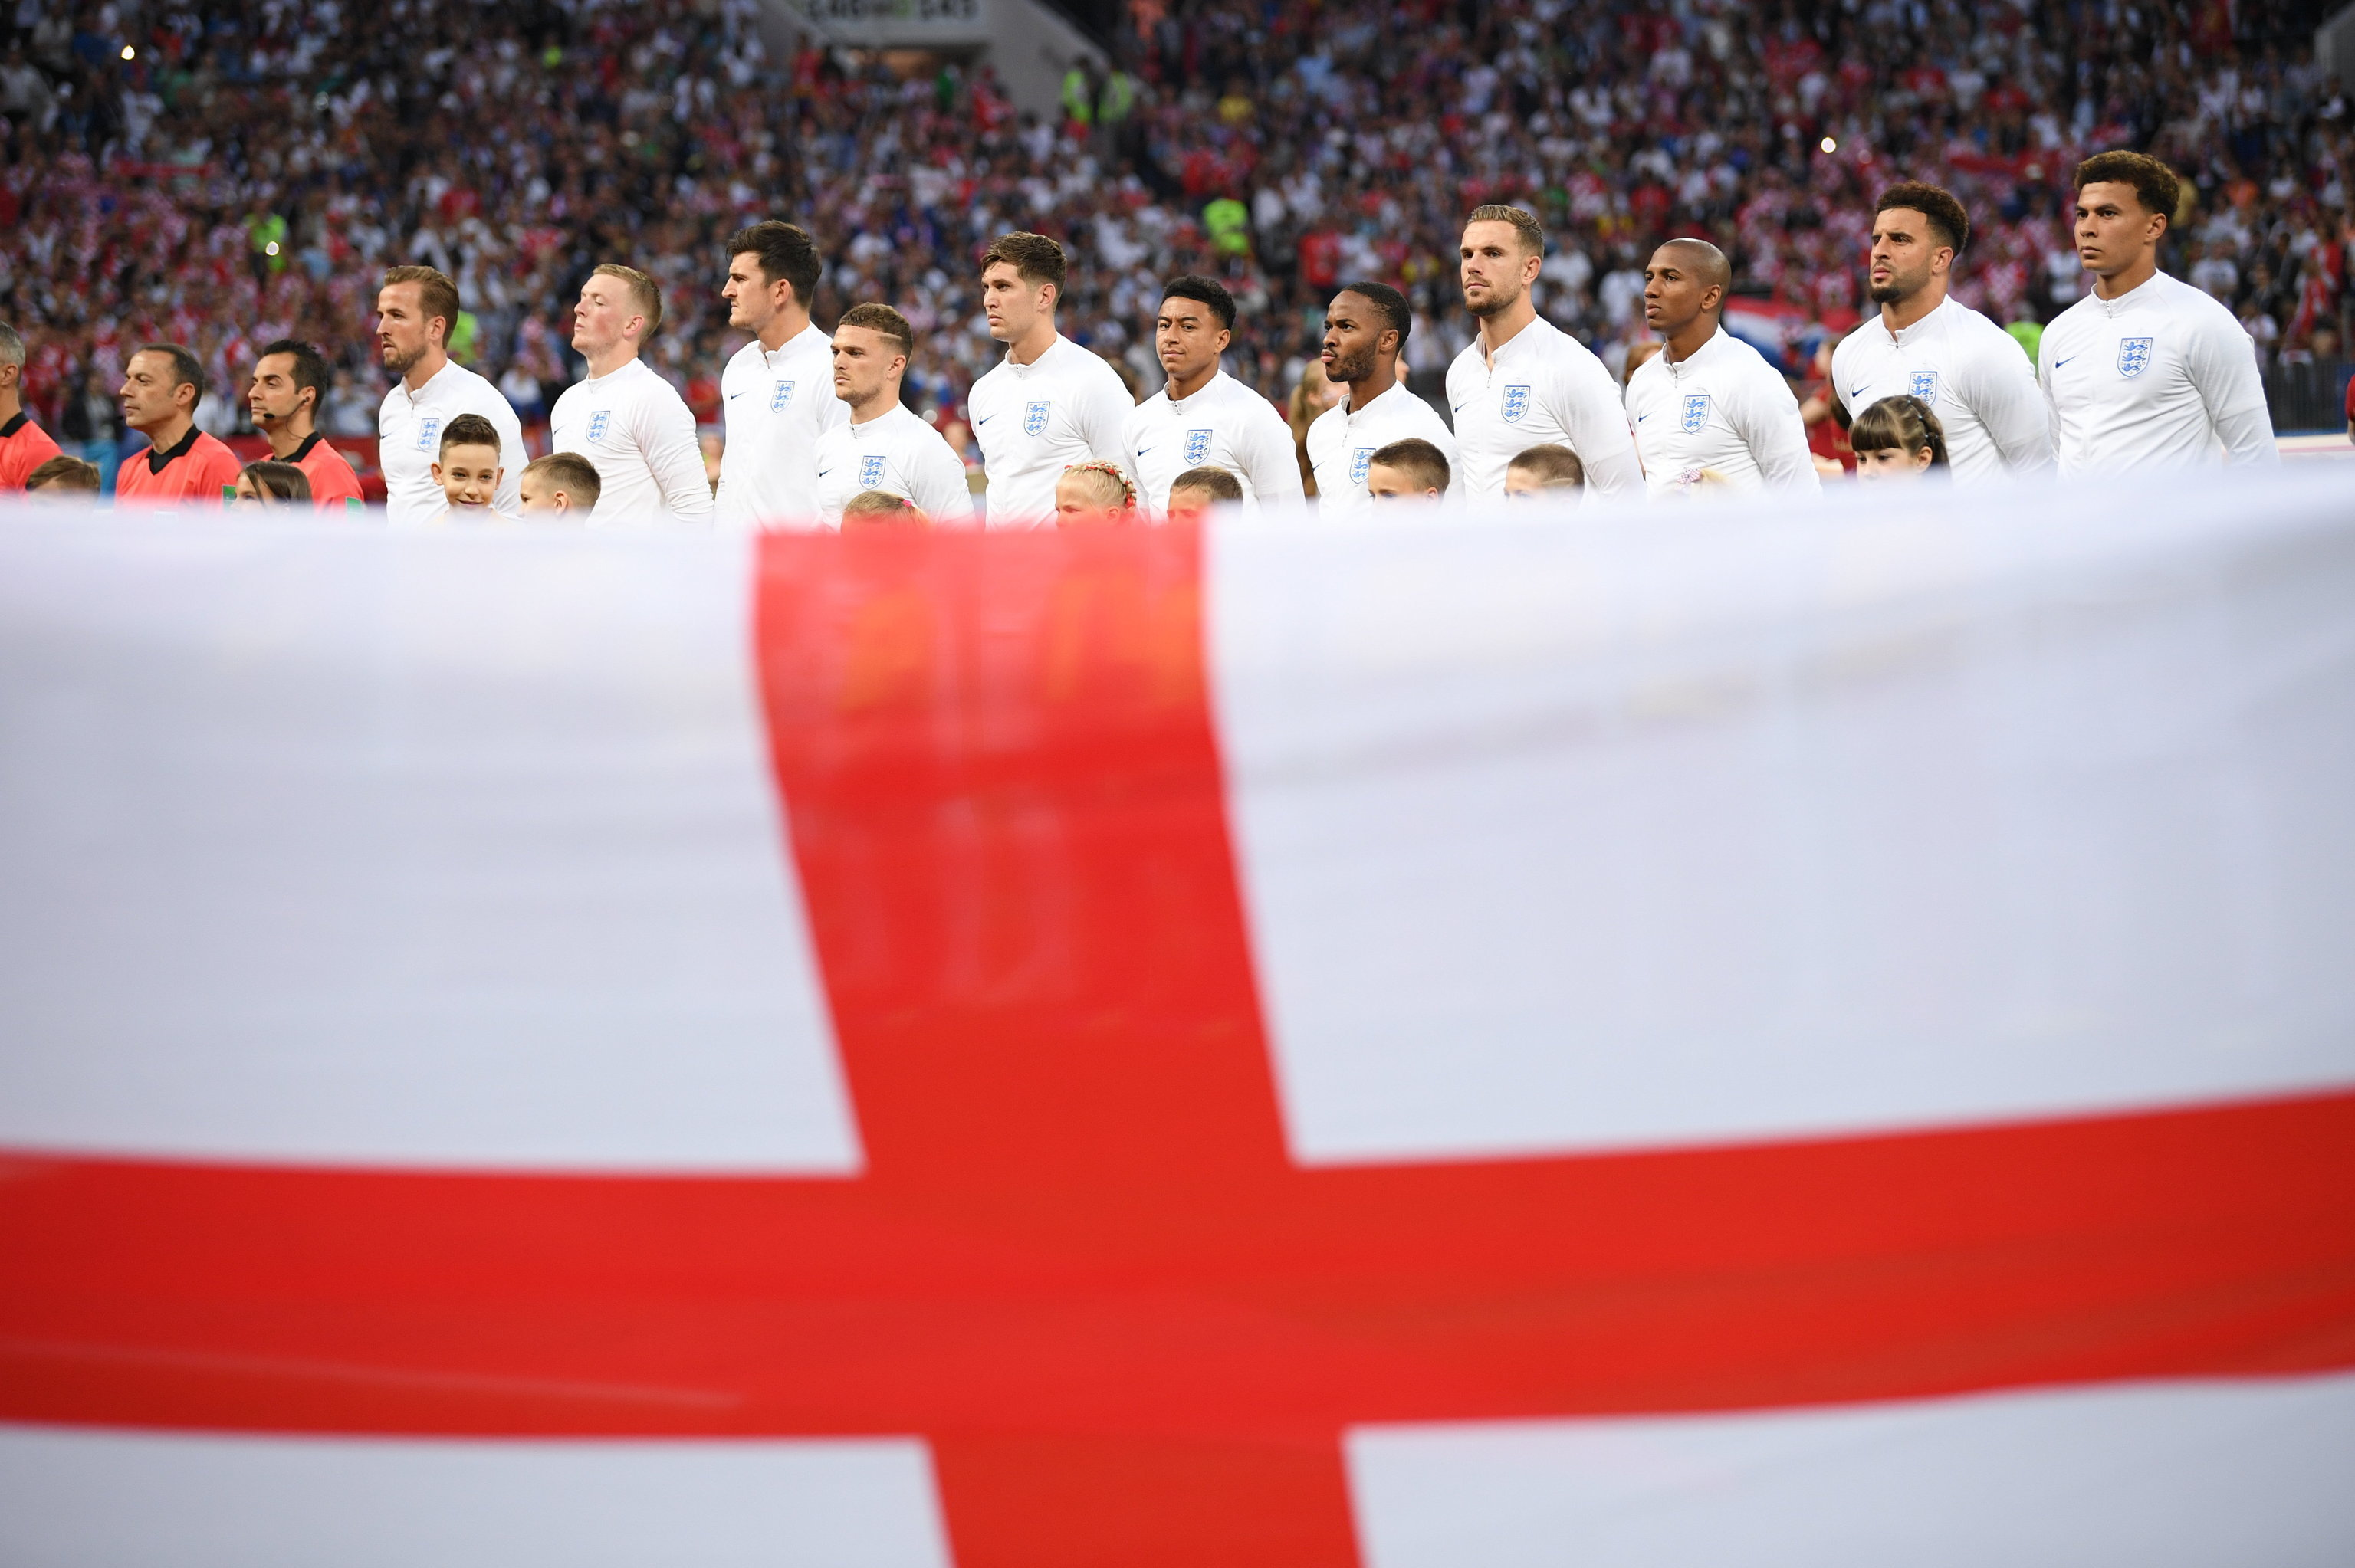 Seleção inglesa no estádio Luzhniki antes do jogo contra a Croácia